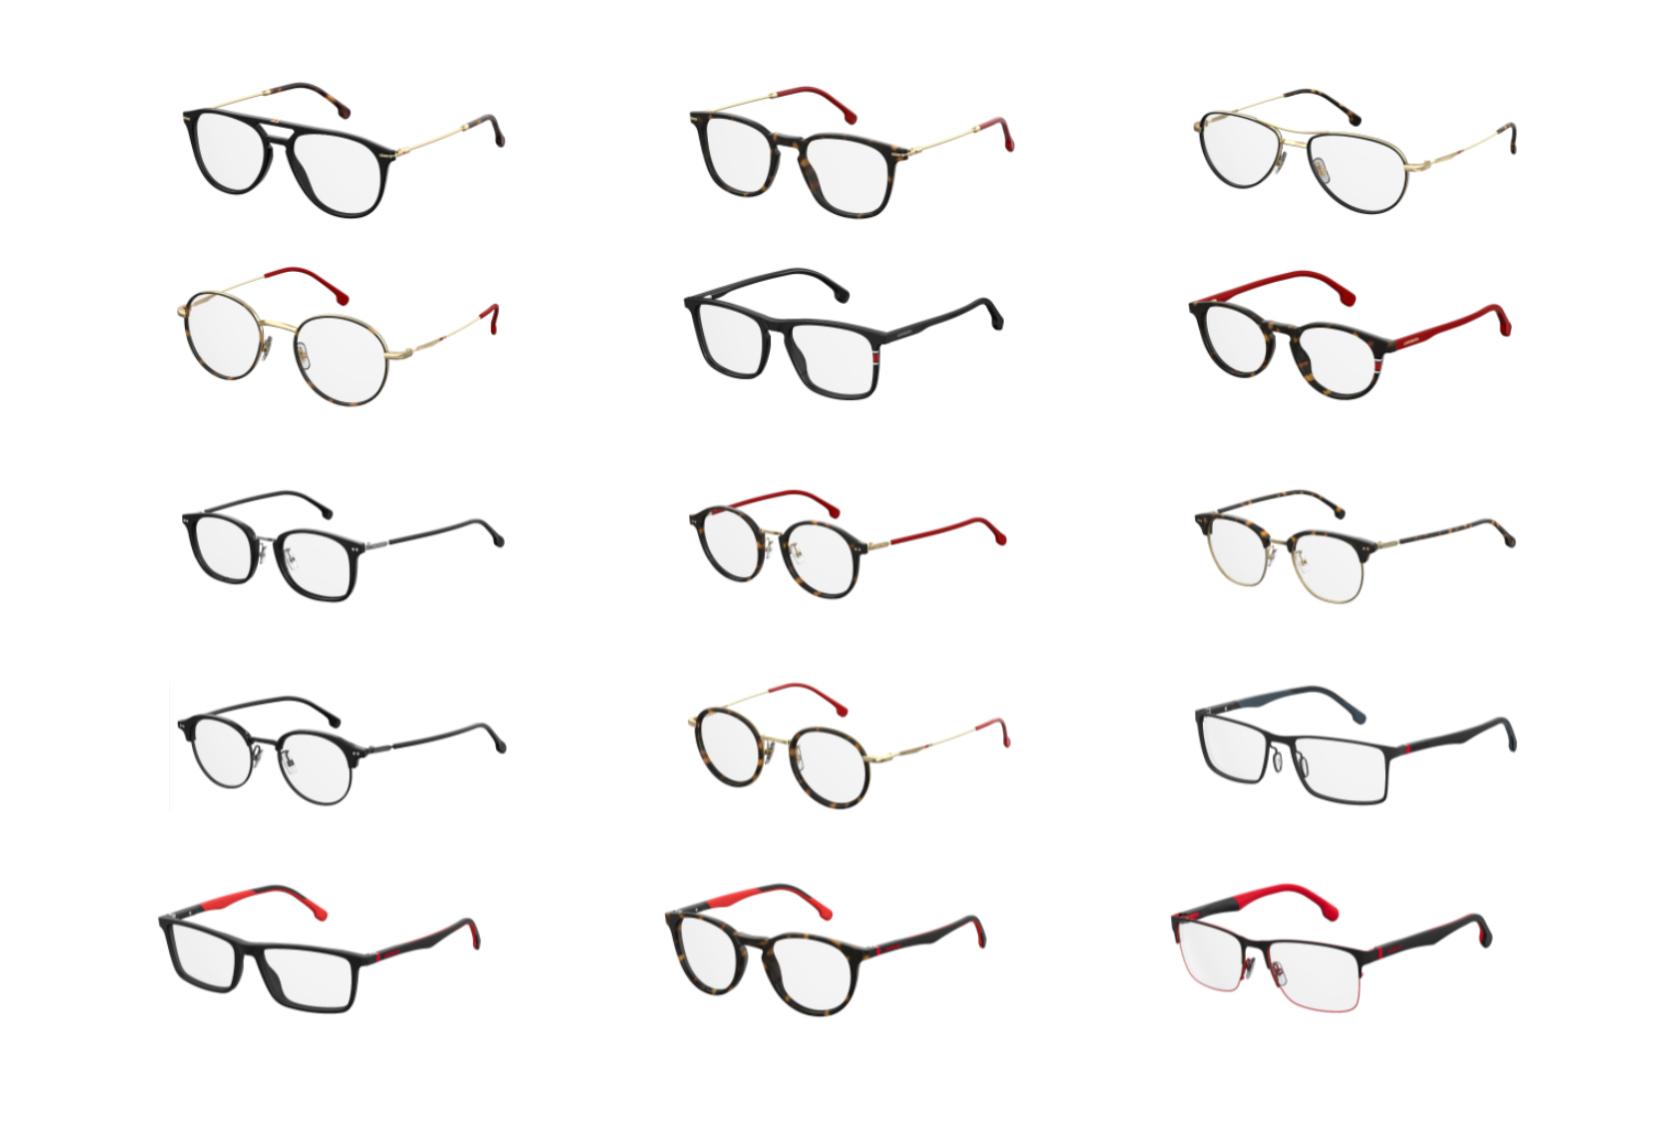 ottica-look-vision-carrera-occhiali-da-vista